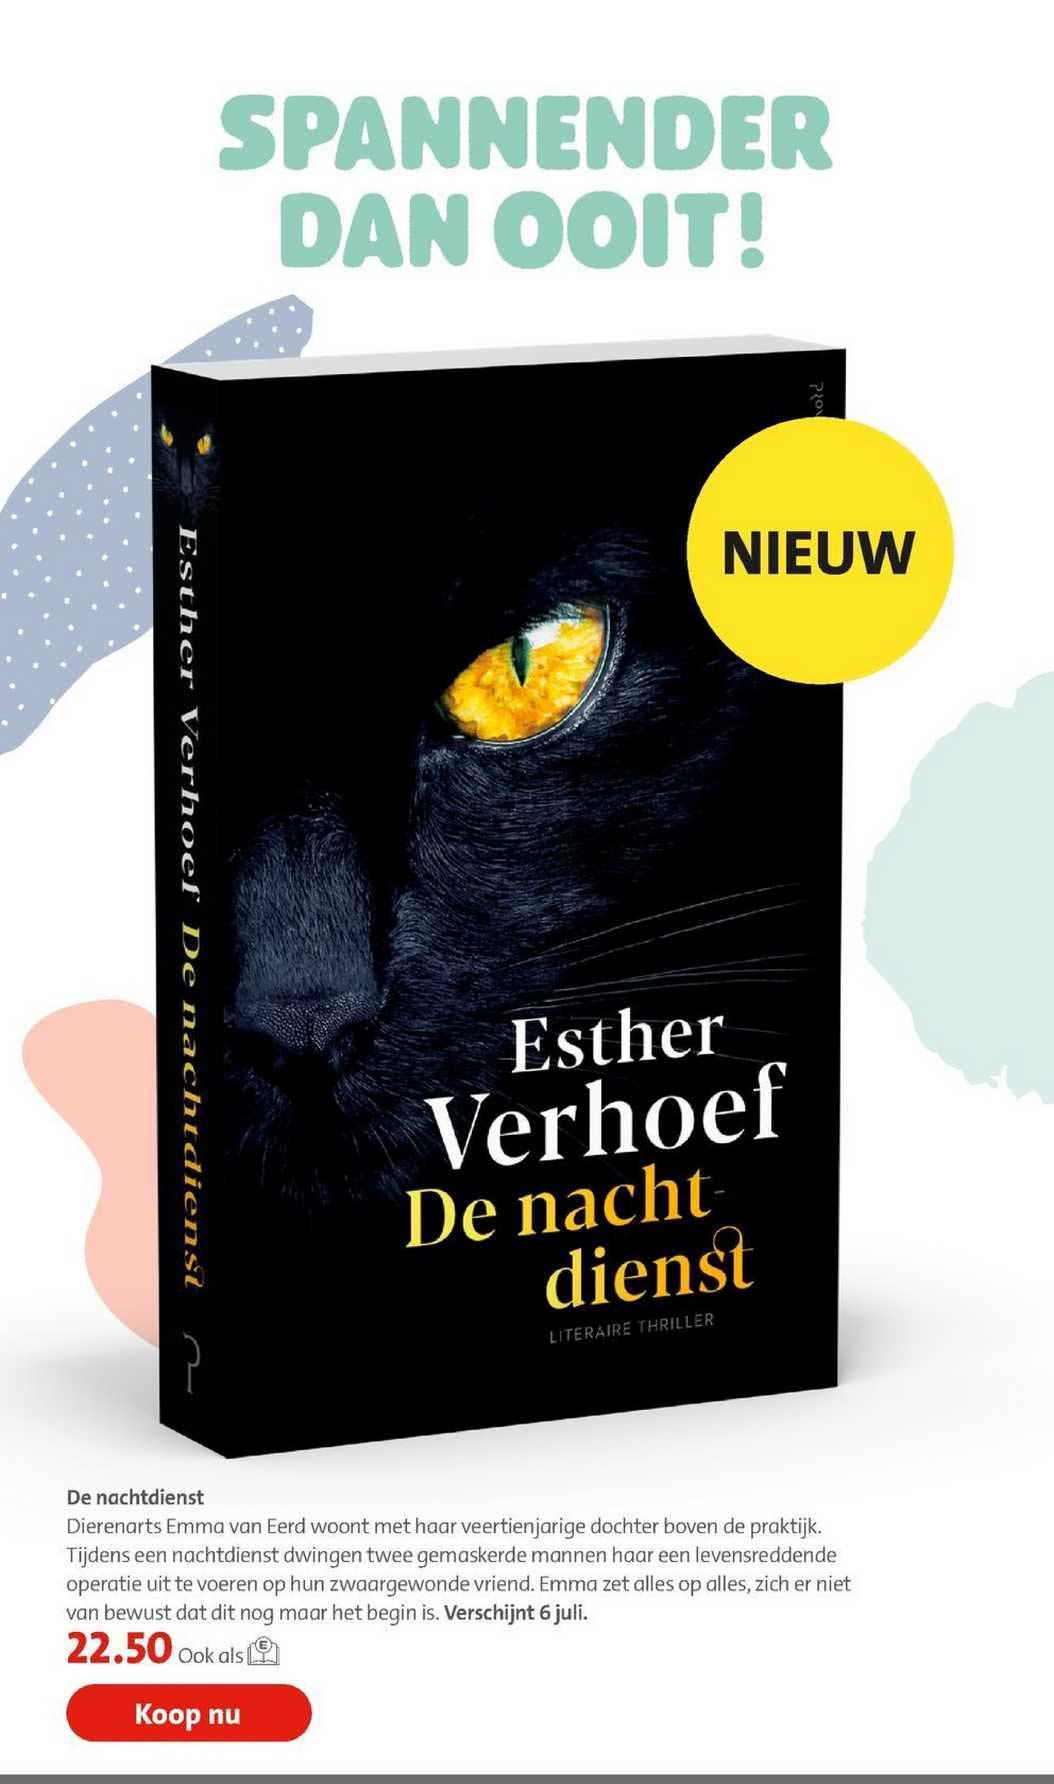 Bruna De Nachtdienst - Esther Verhoef